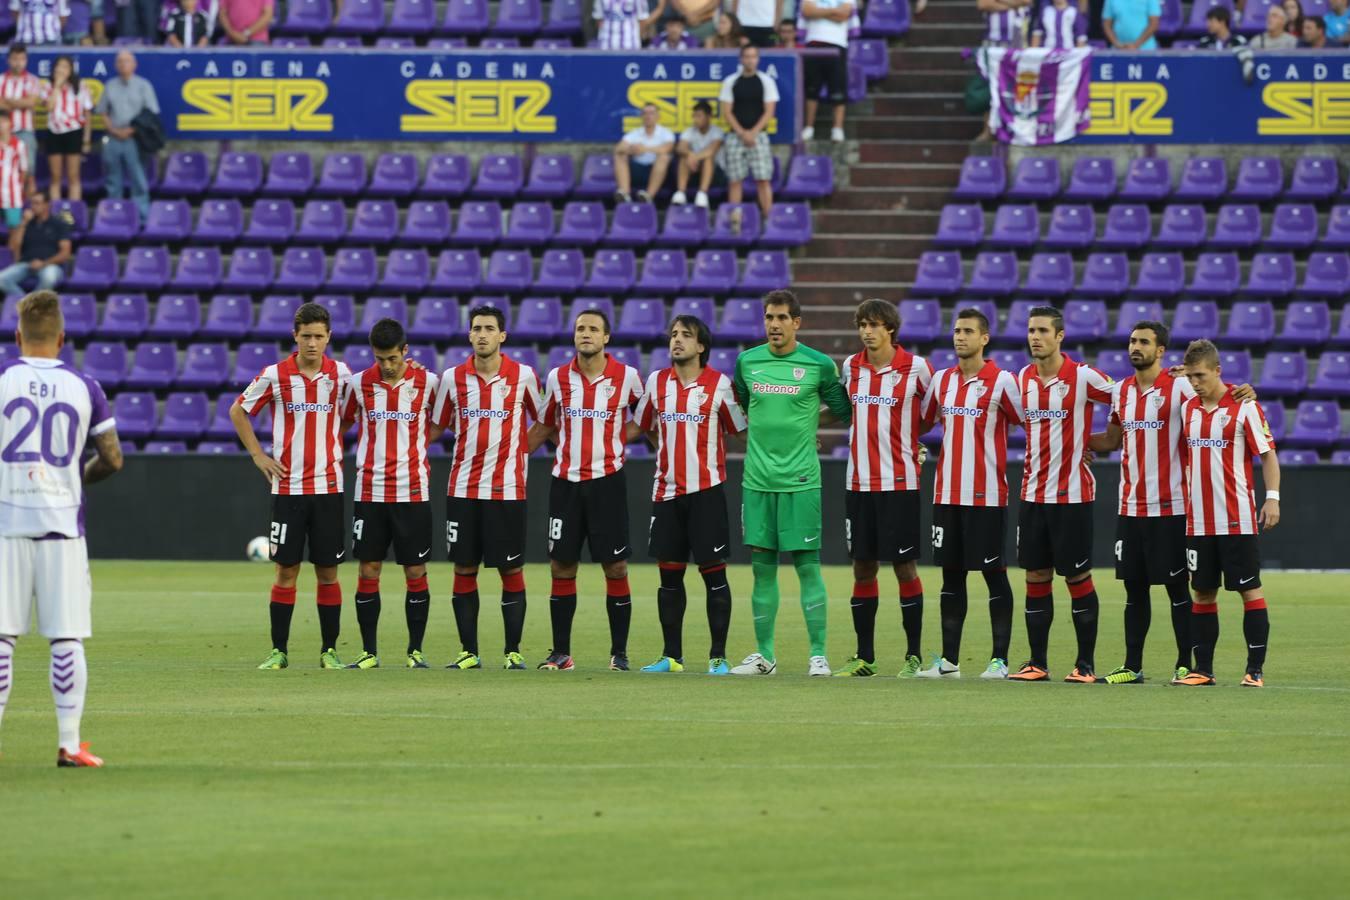 El partido Valladolid-Athletic en imágenes